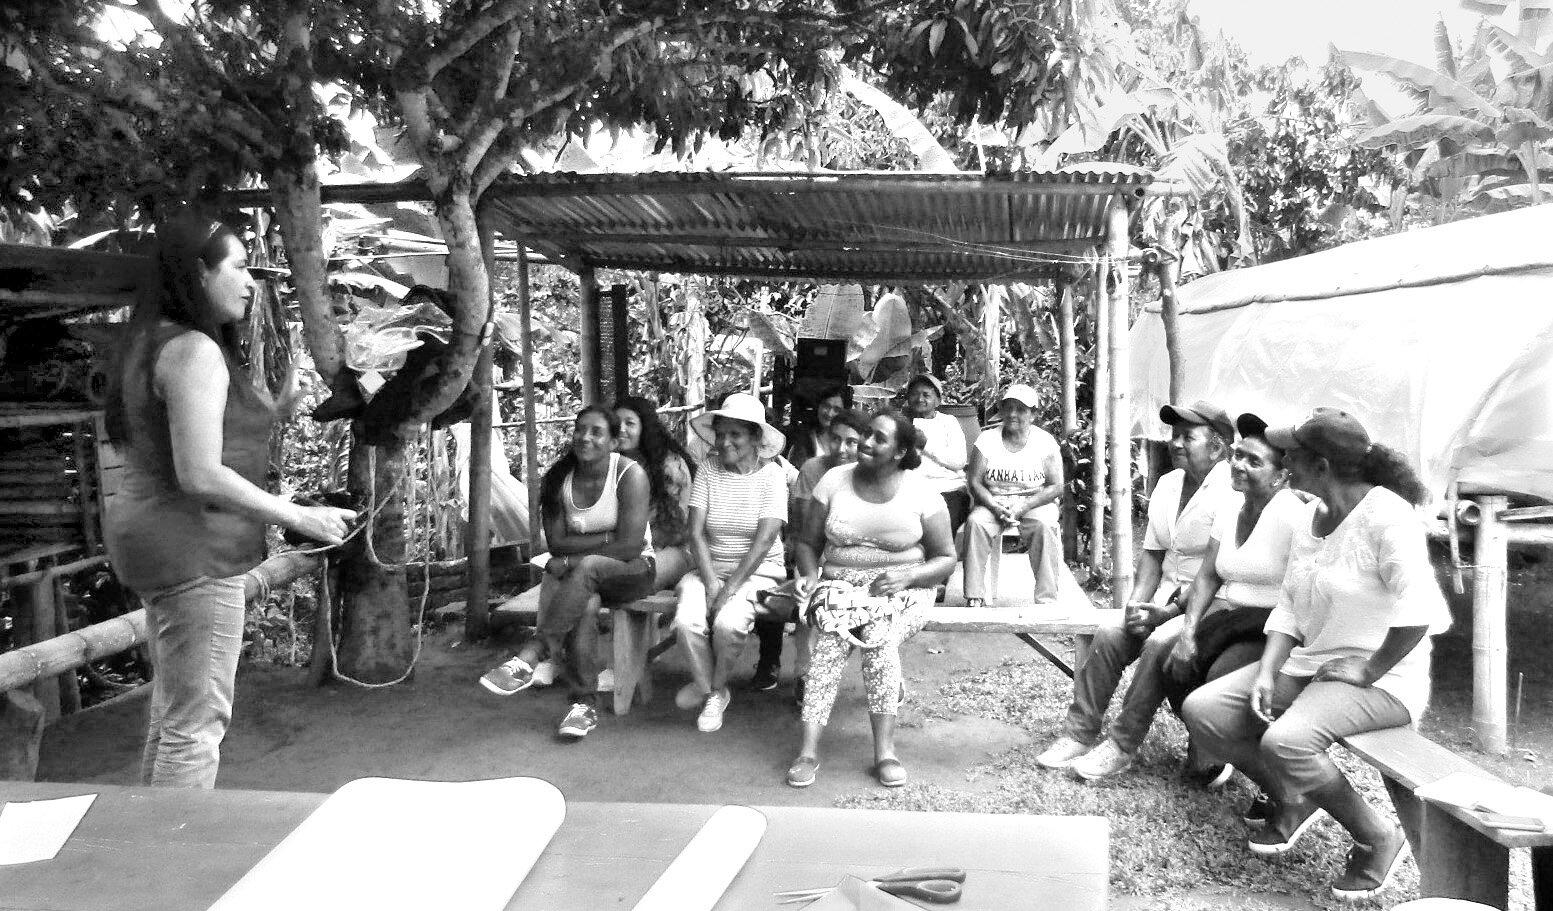 In Workshops diskutieren Frauen darüber, wie ihr Leben frei von Gewalt werden kann. Foto: Frauenbewegung Cajibío